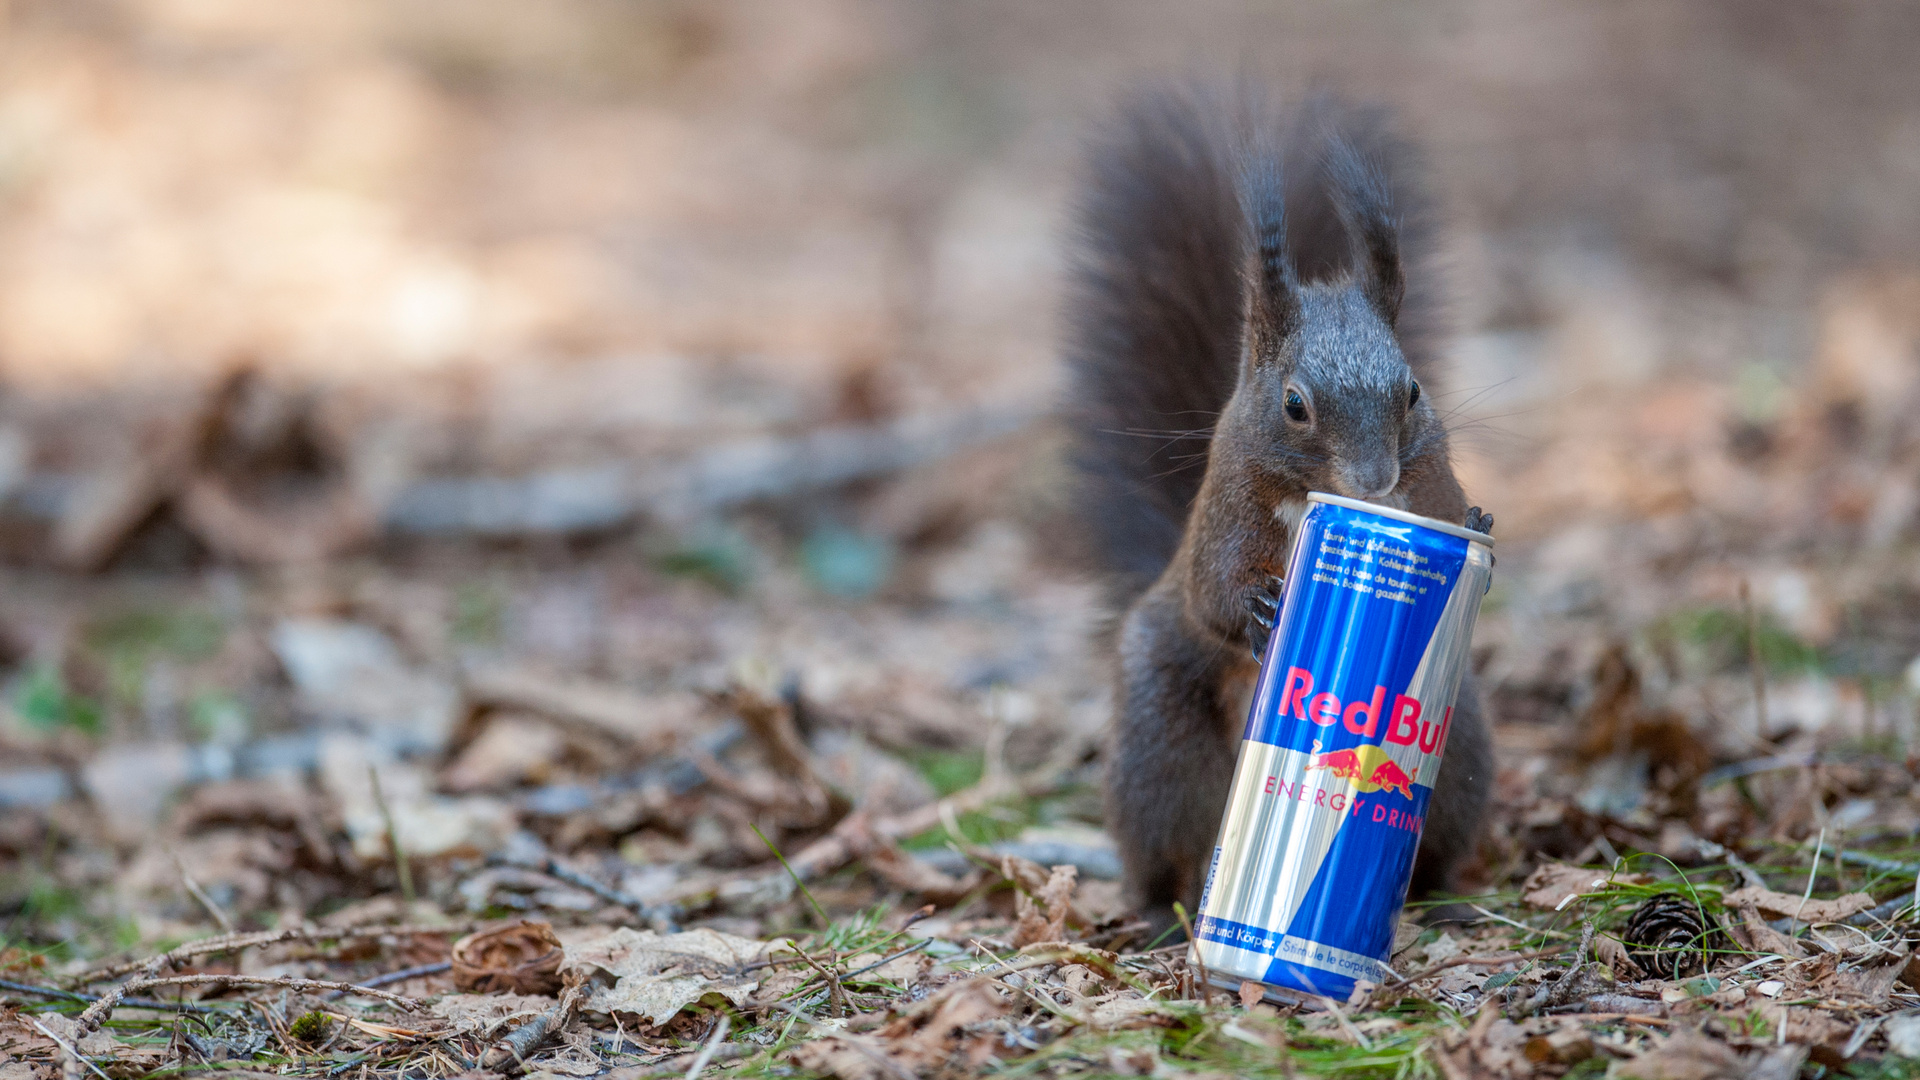 Ich will ein Flughörnchen werden. Deshalb trinke ich Red Bull!